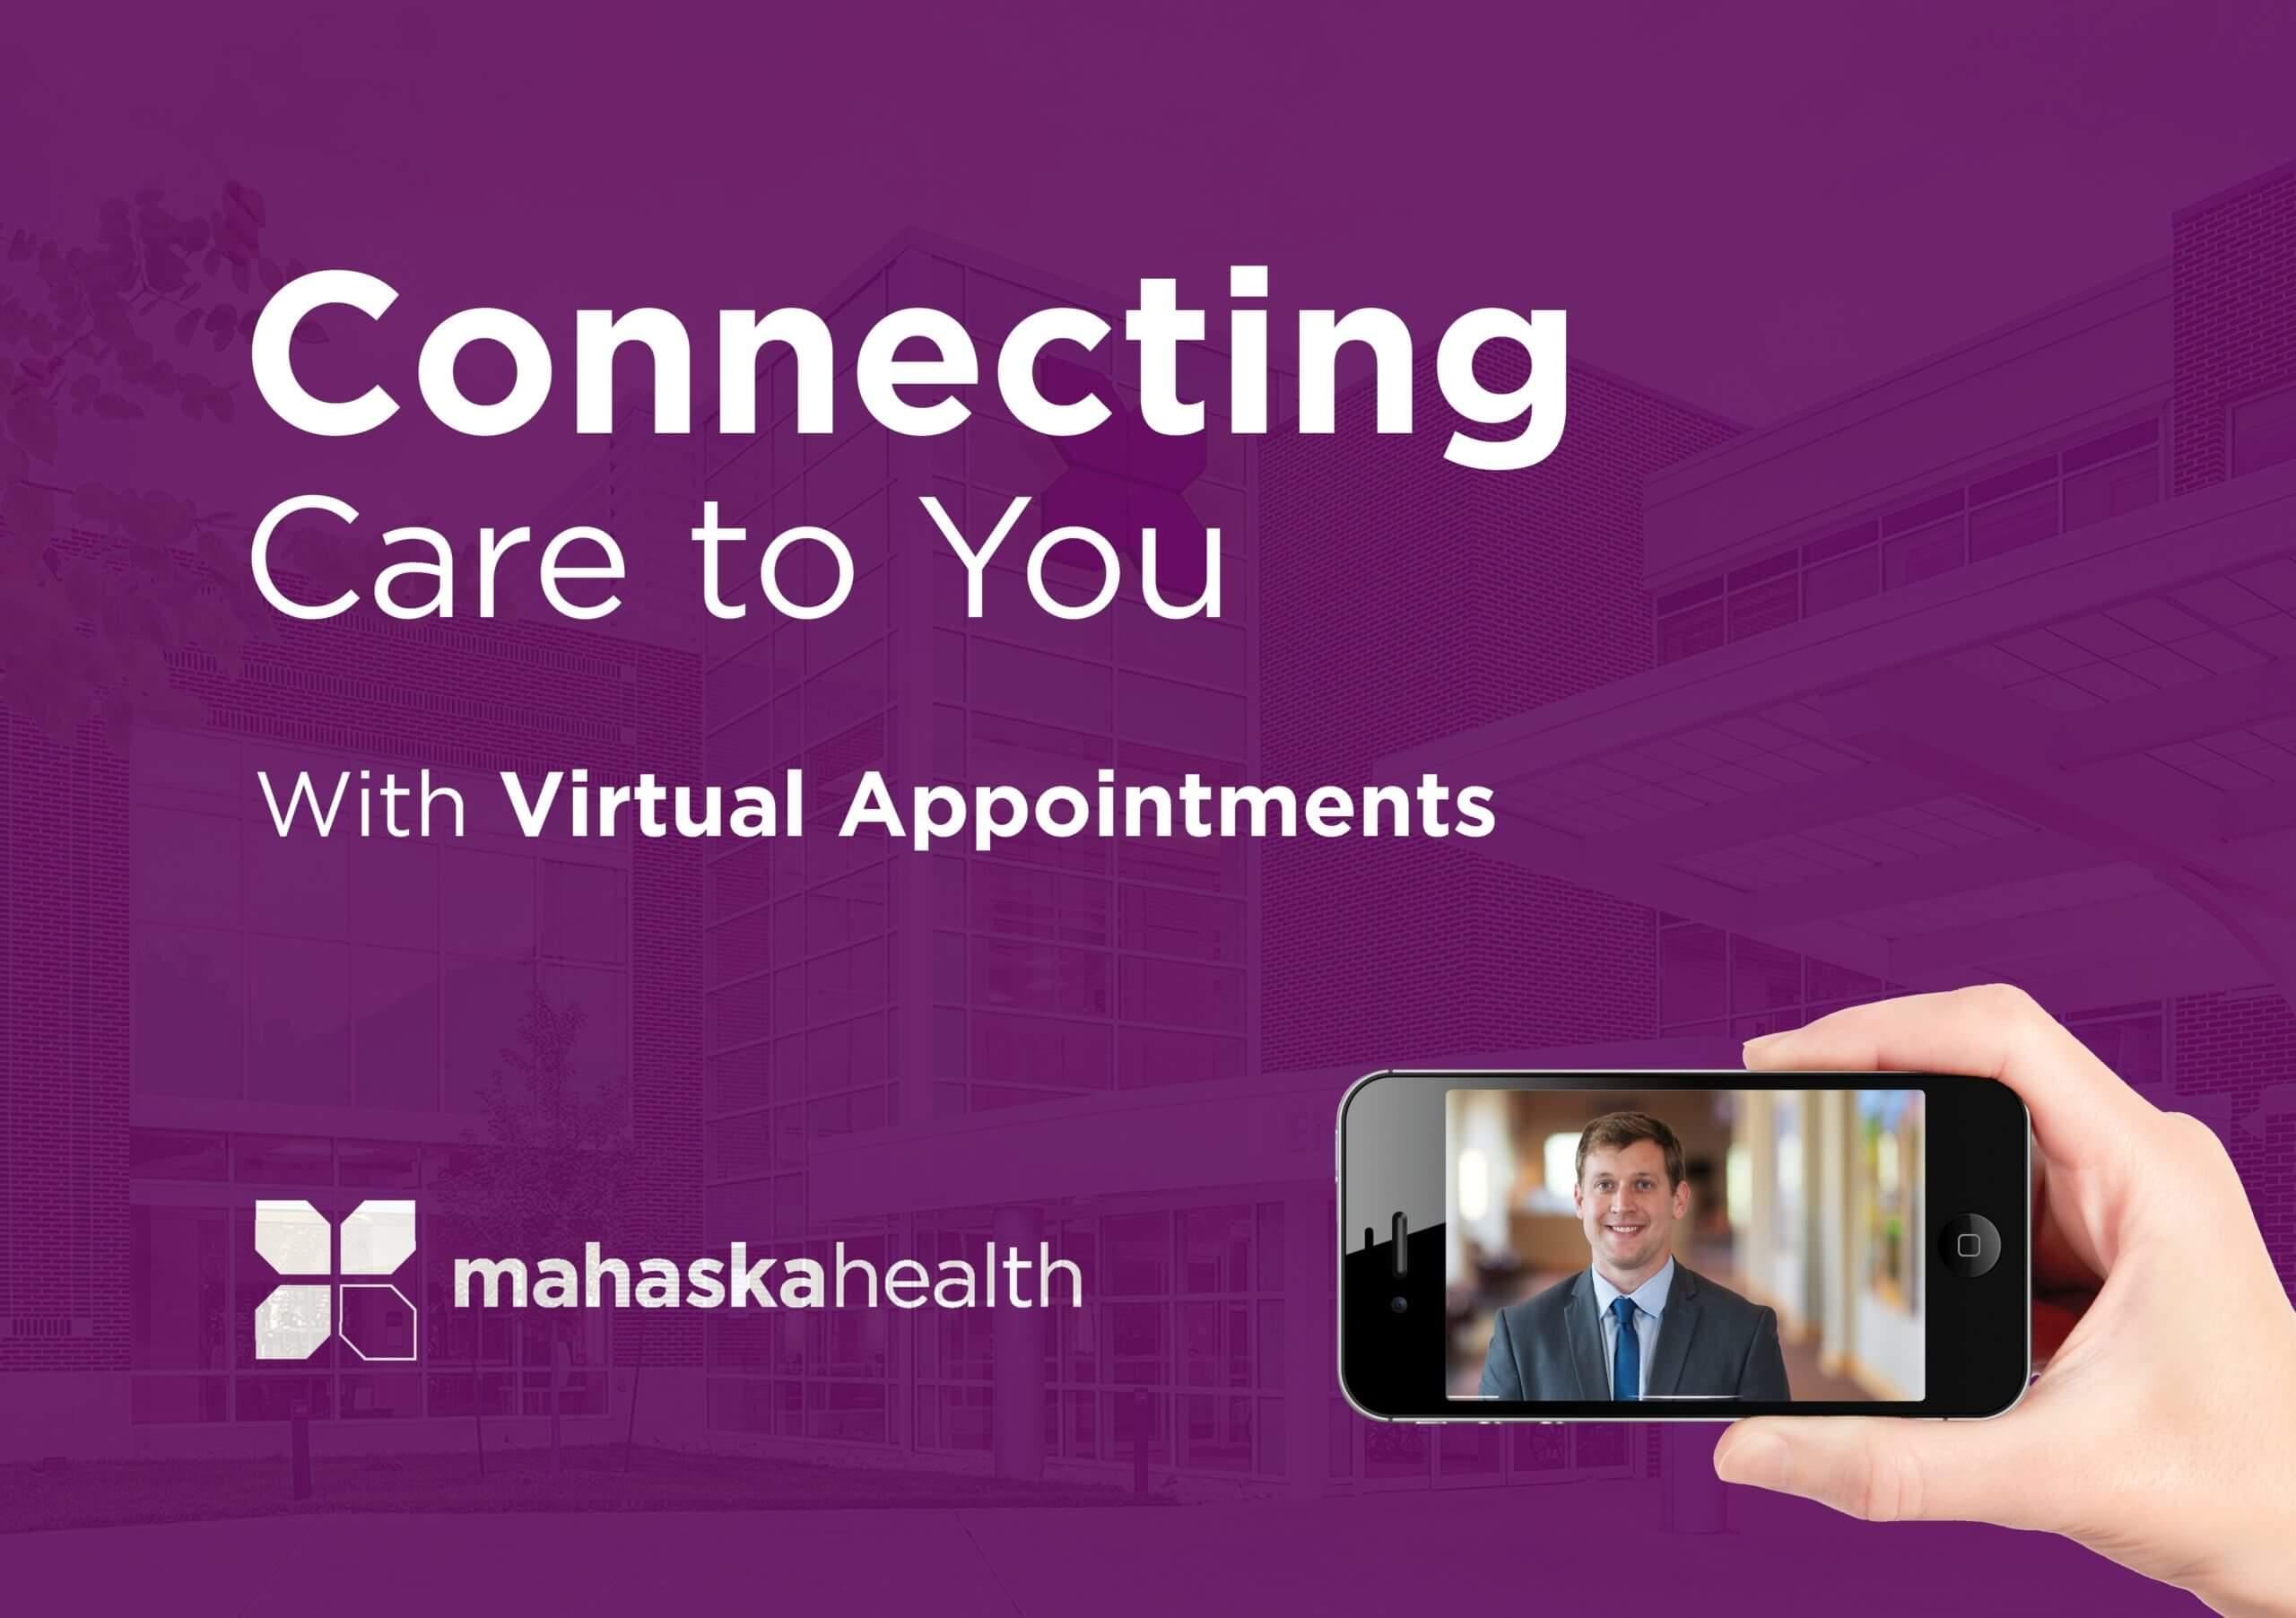 Virtual Appointments Available at Mahaska Health 1